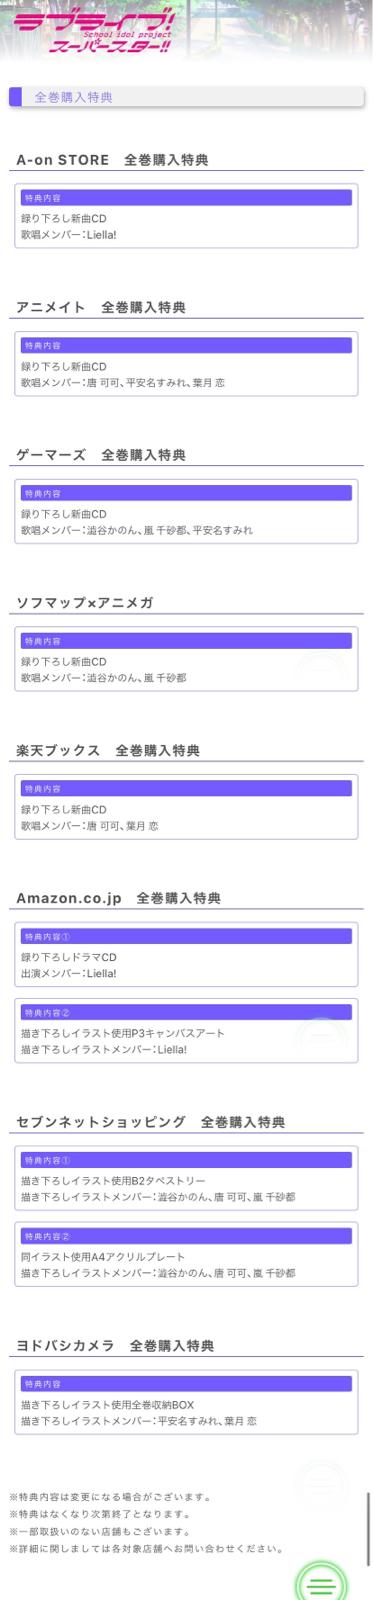 eBoPm3e.jpg